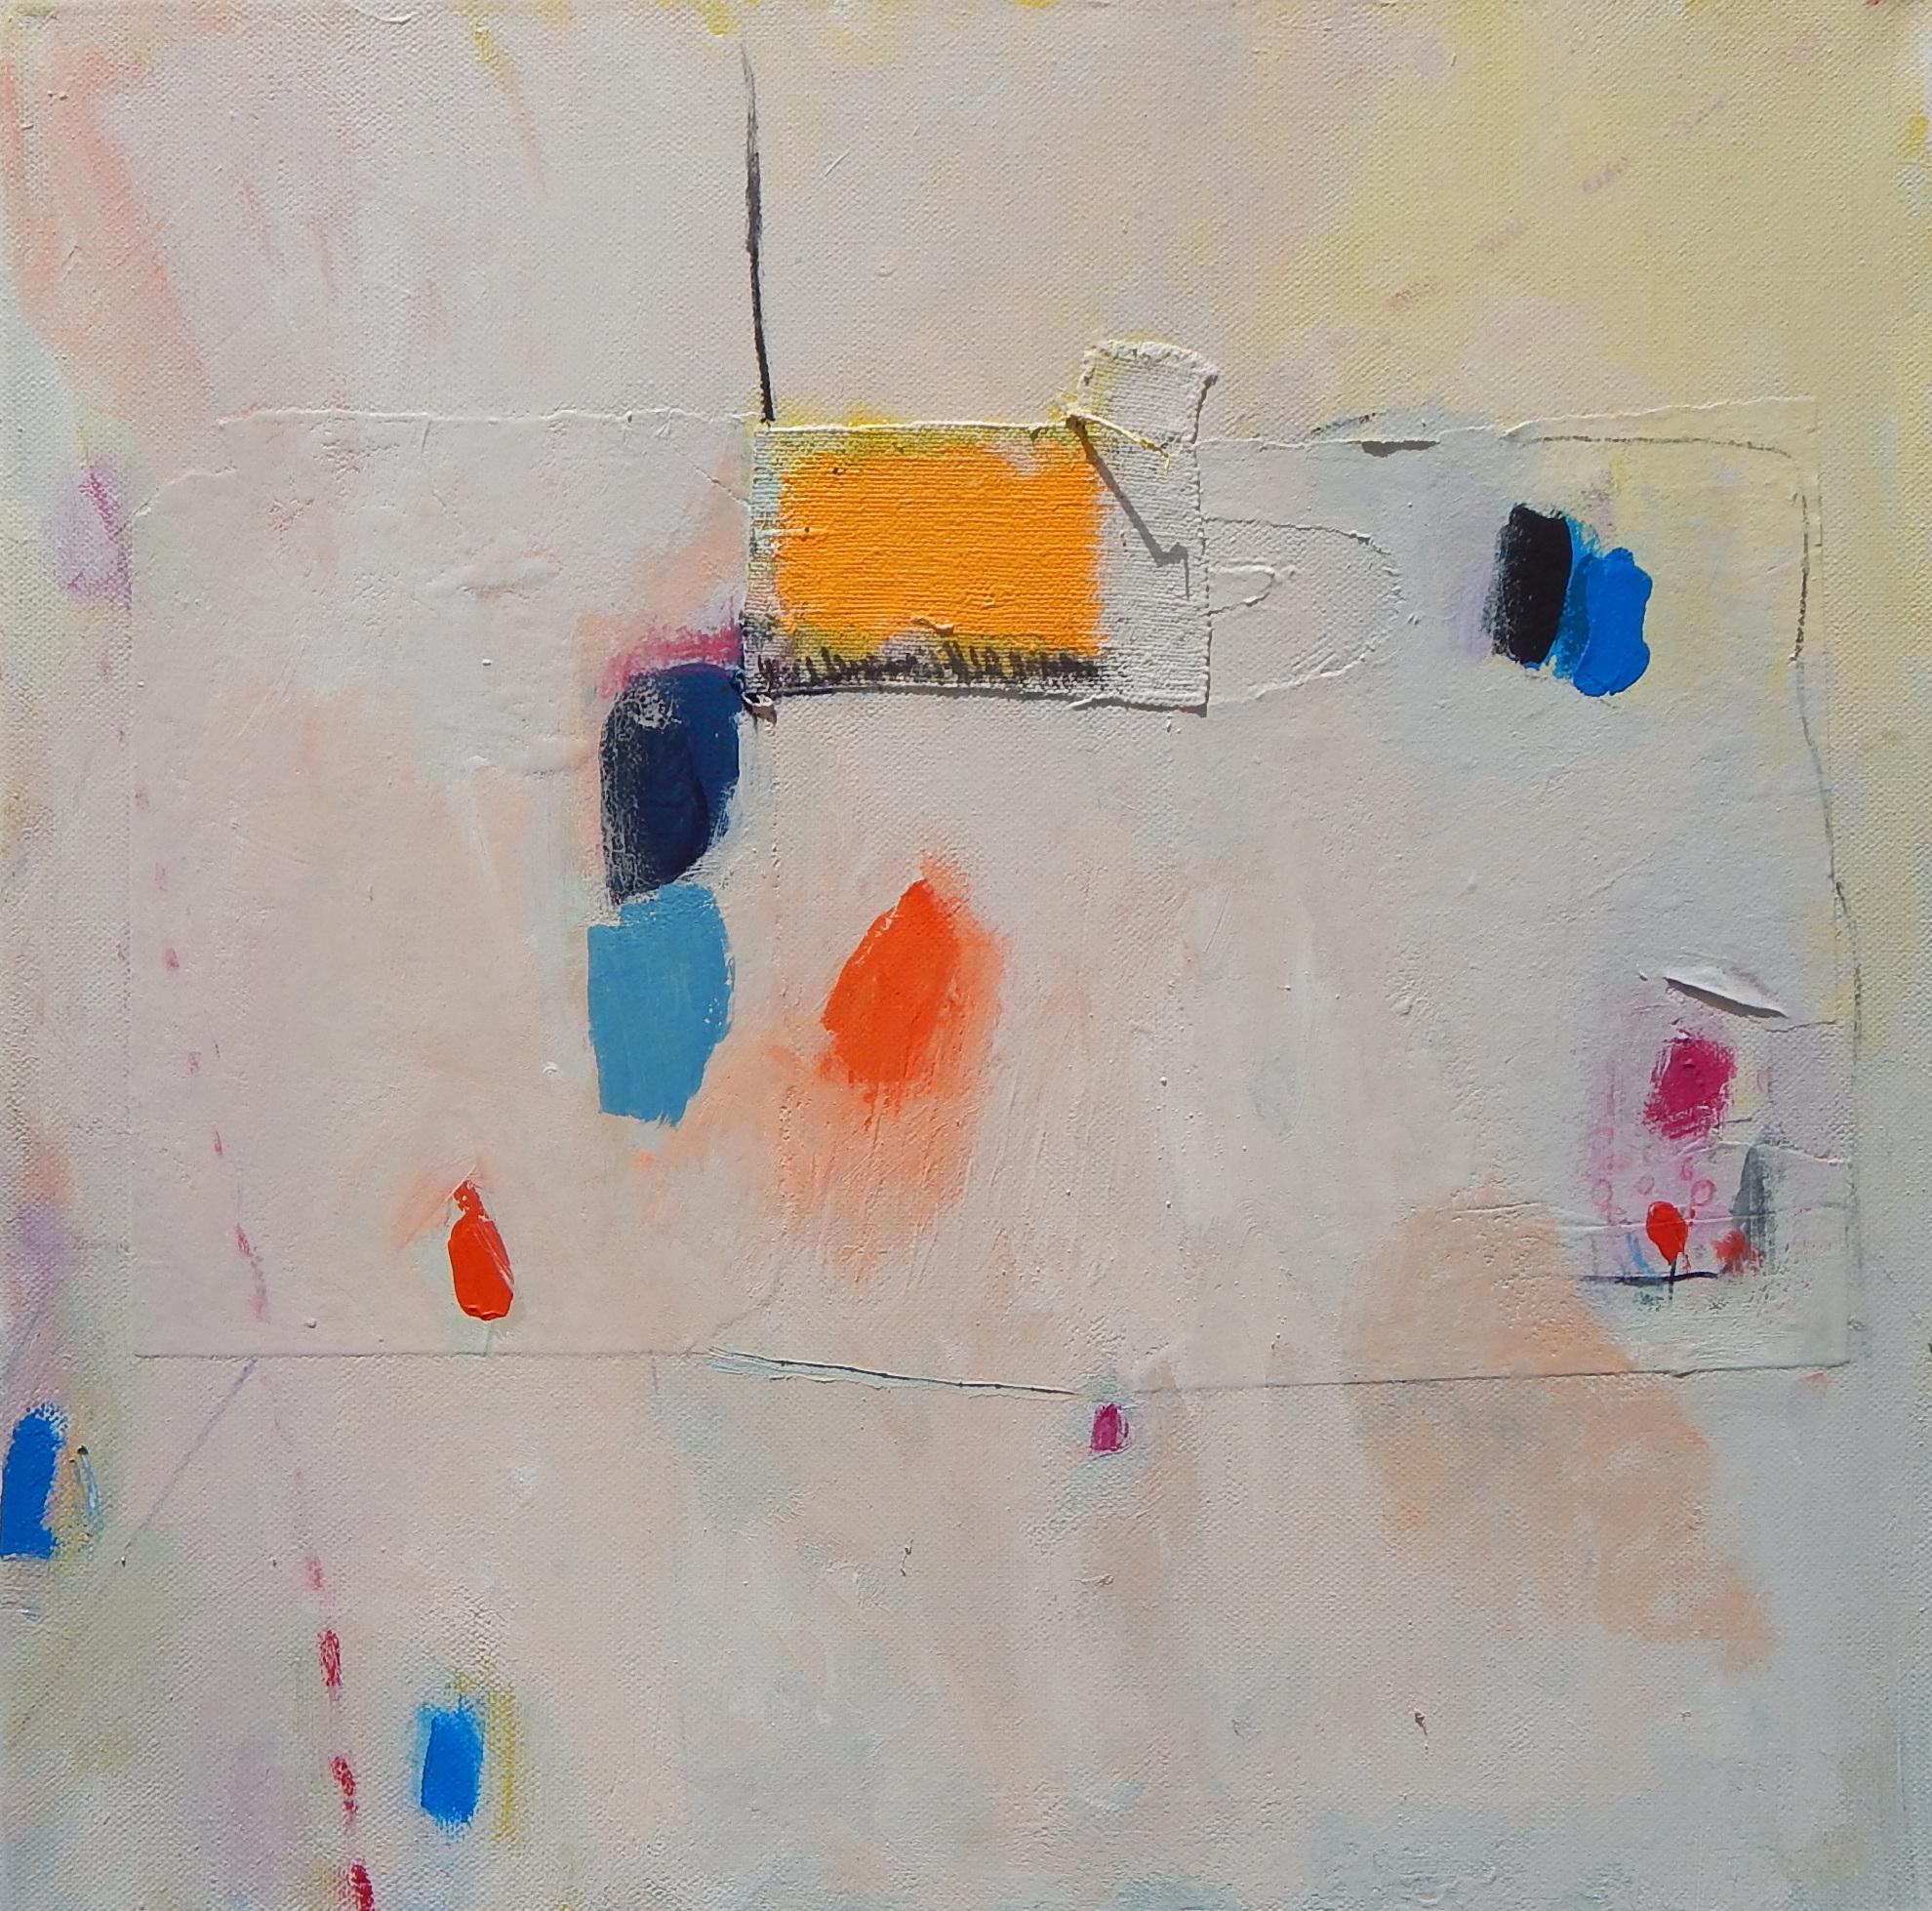 apstraktna slika na platnu